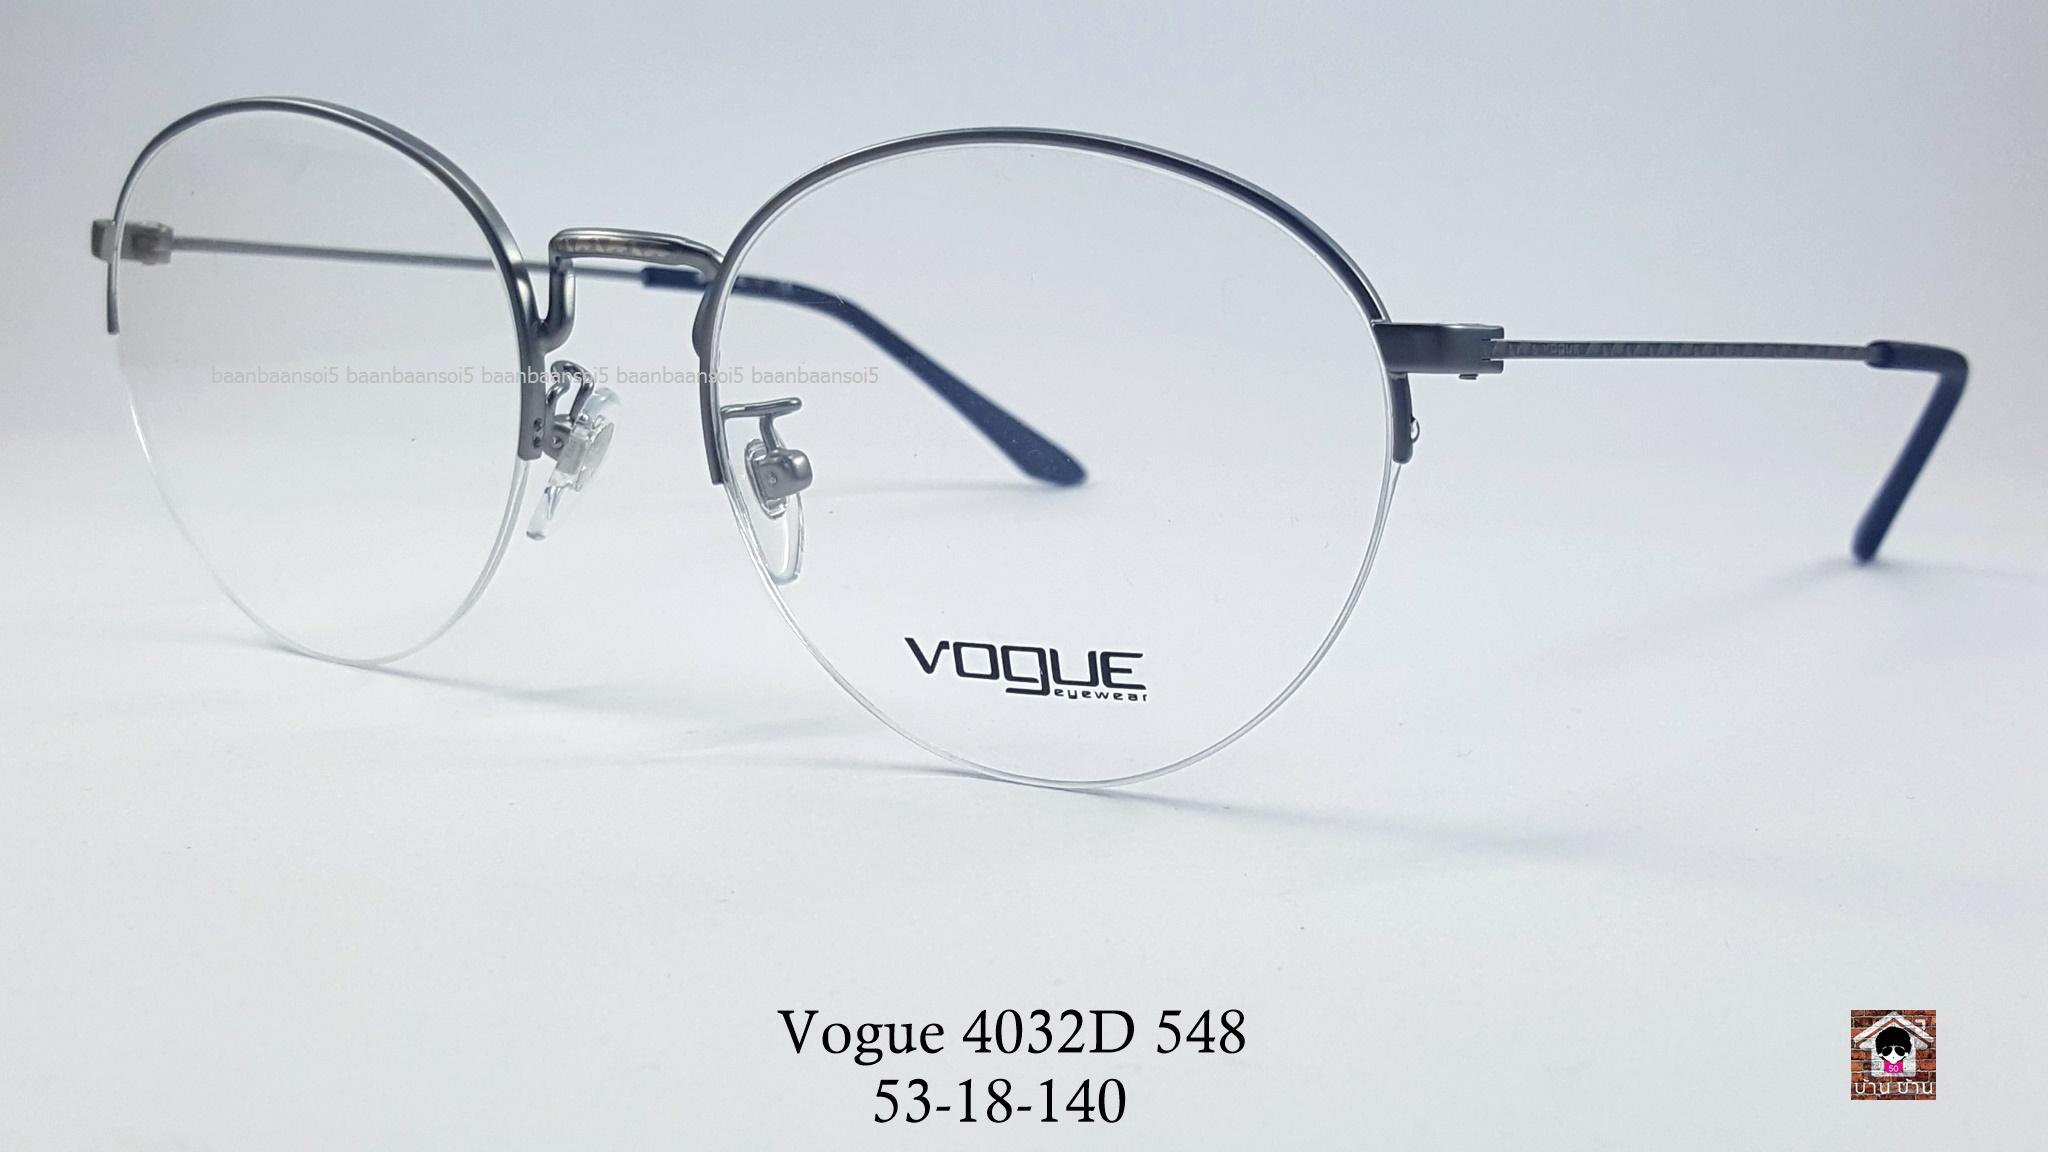 Vogue vo 4032D 548 โปรโมชั่น กรอบแว่นตาพร้อมเลนส์ HOYA ราคา 2,700 บาท